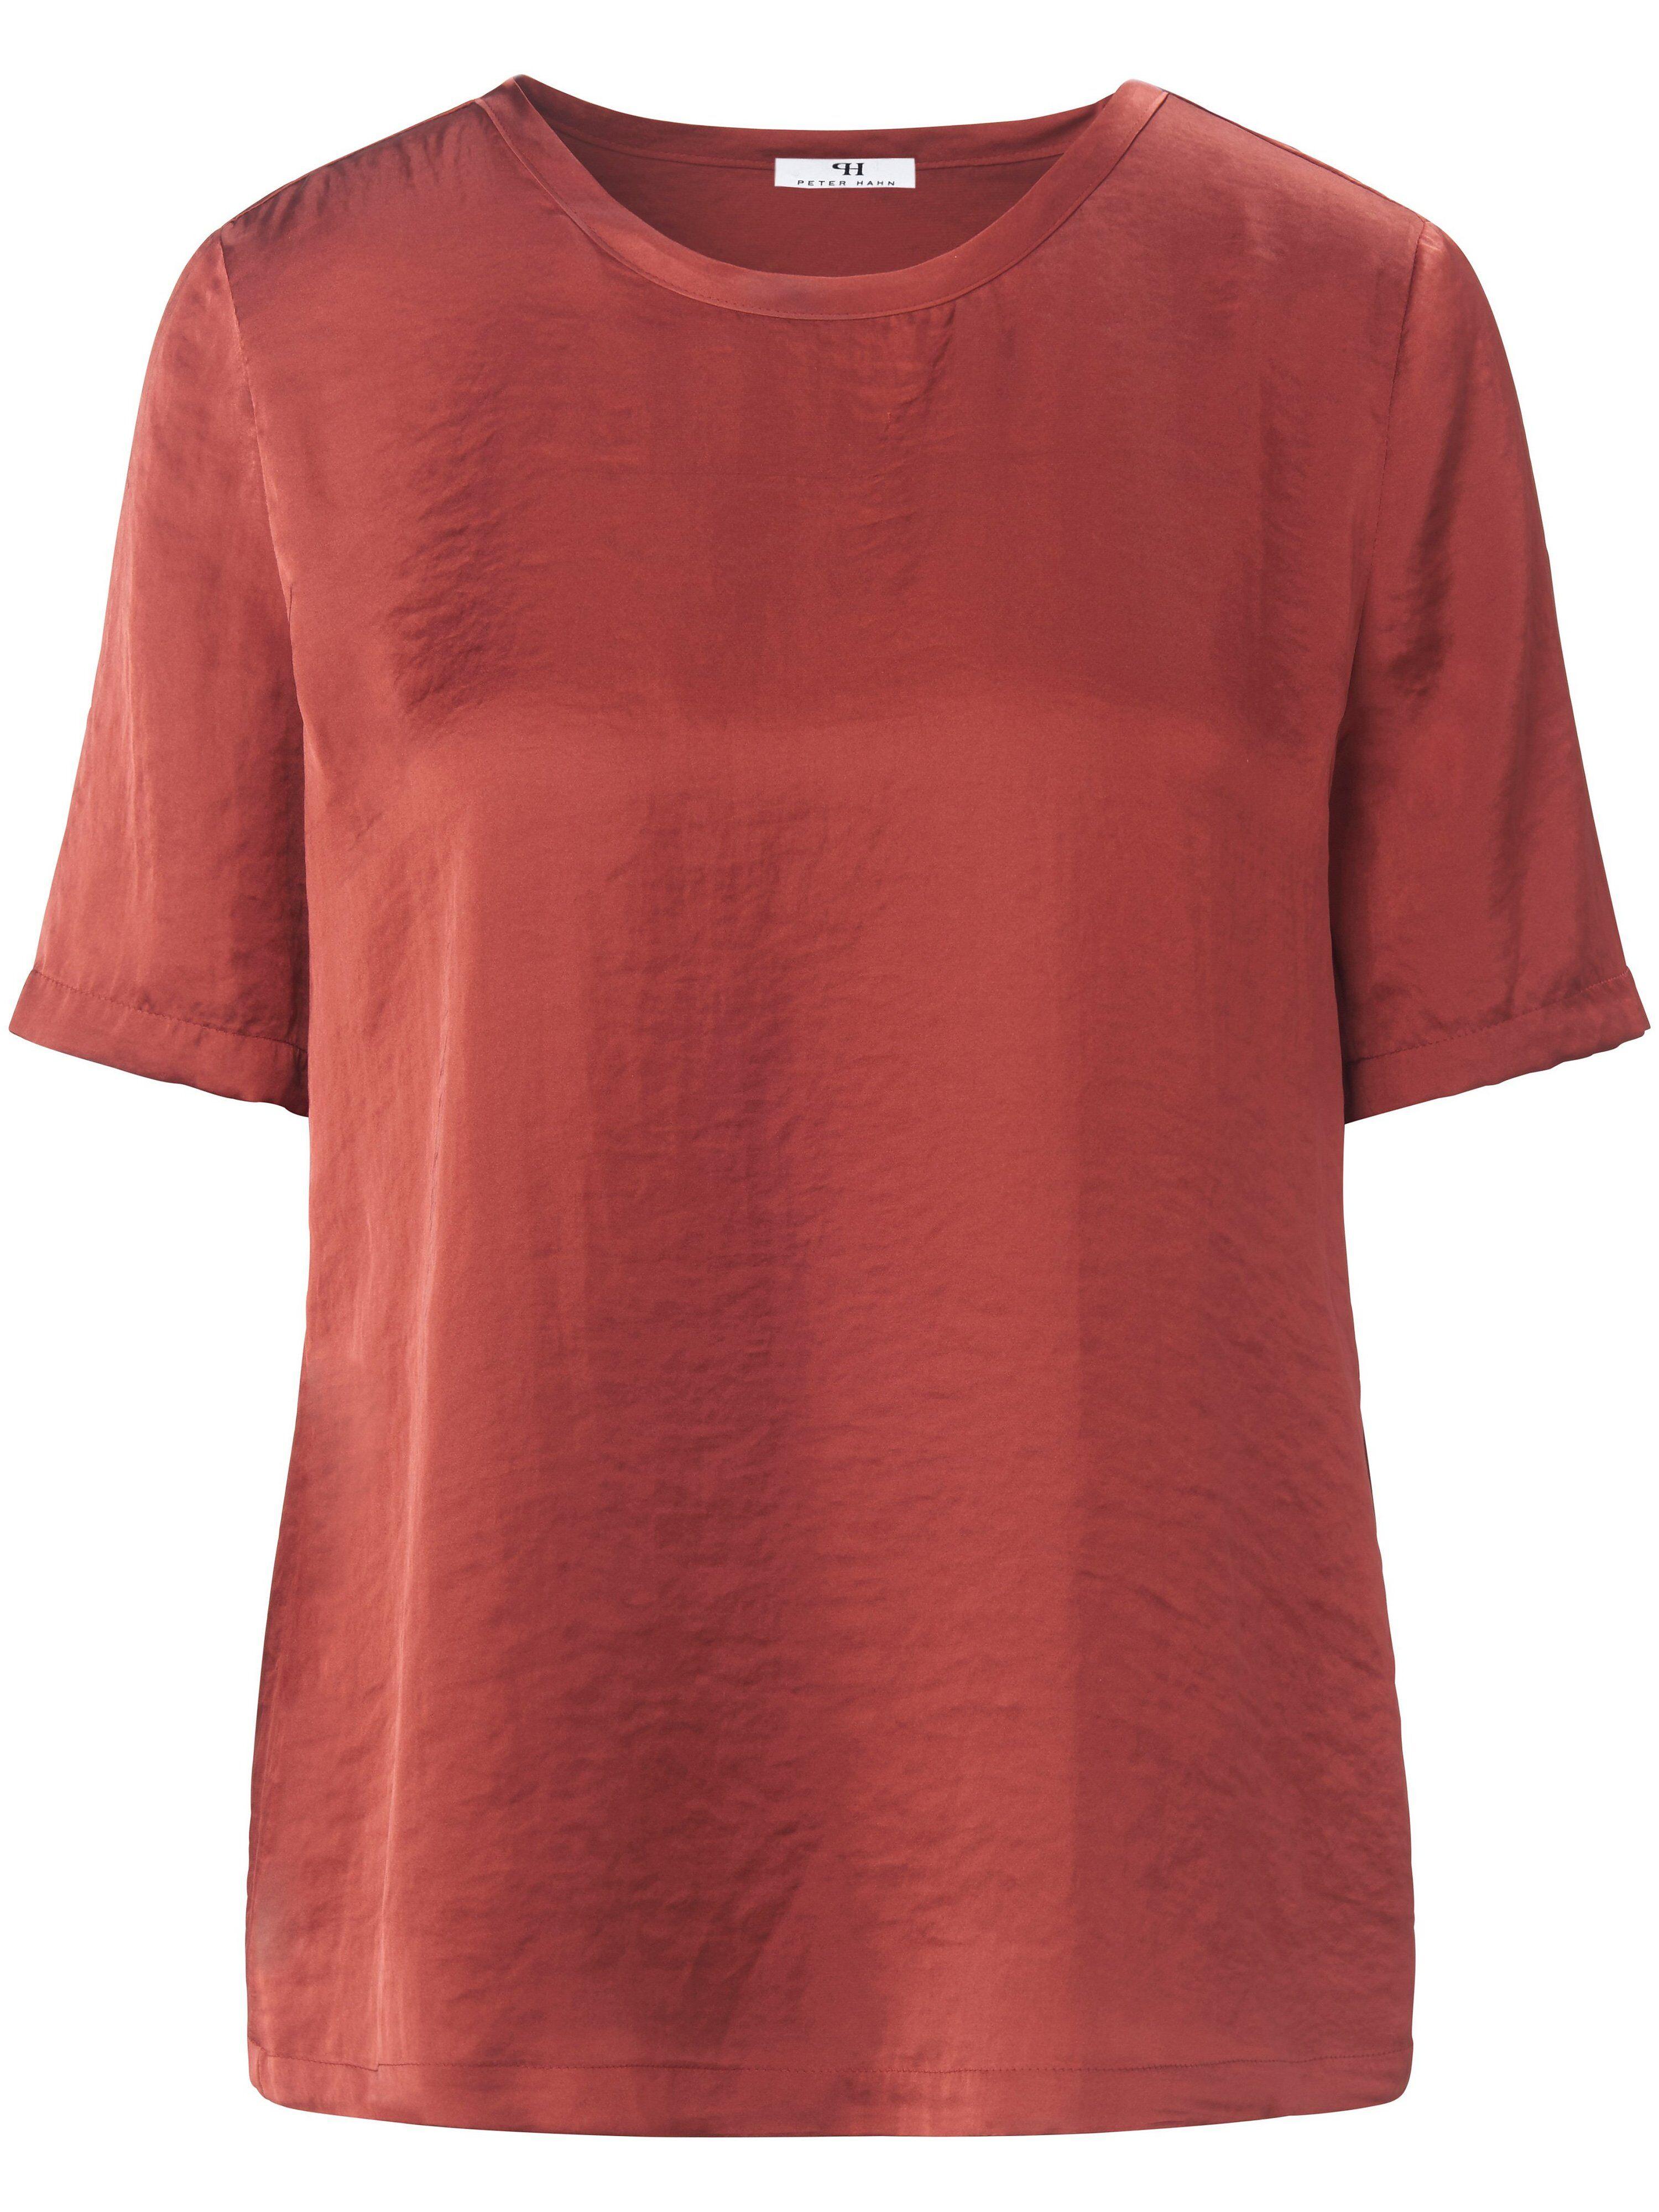 portray berlin Le T-shirt ligne fluide  portray berlin orange  - Femme - 40